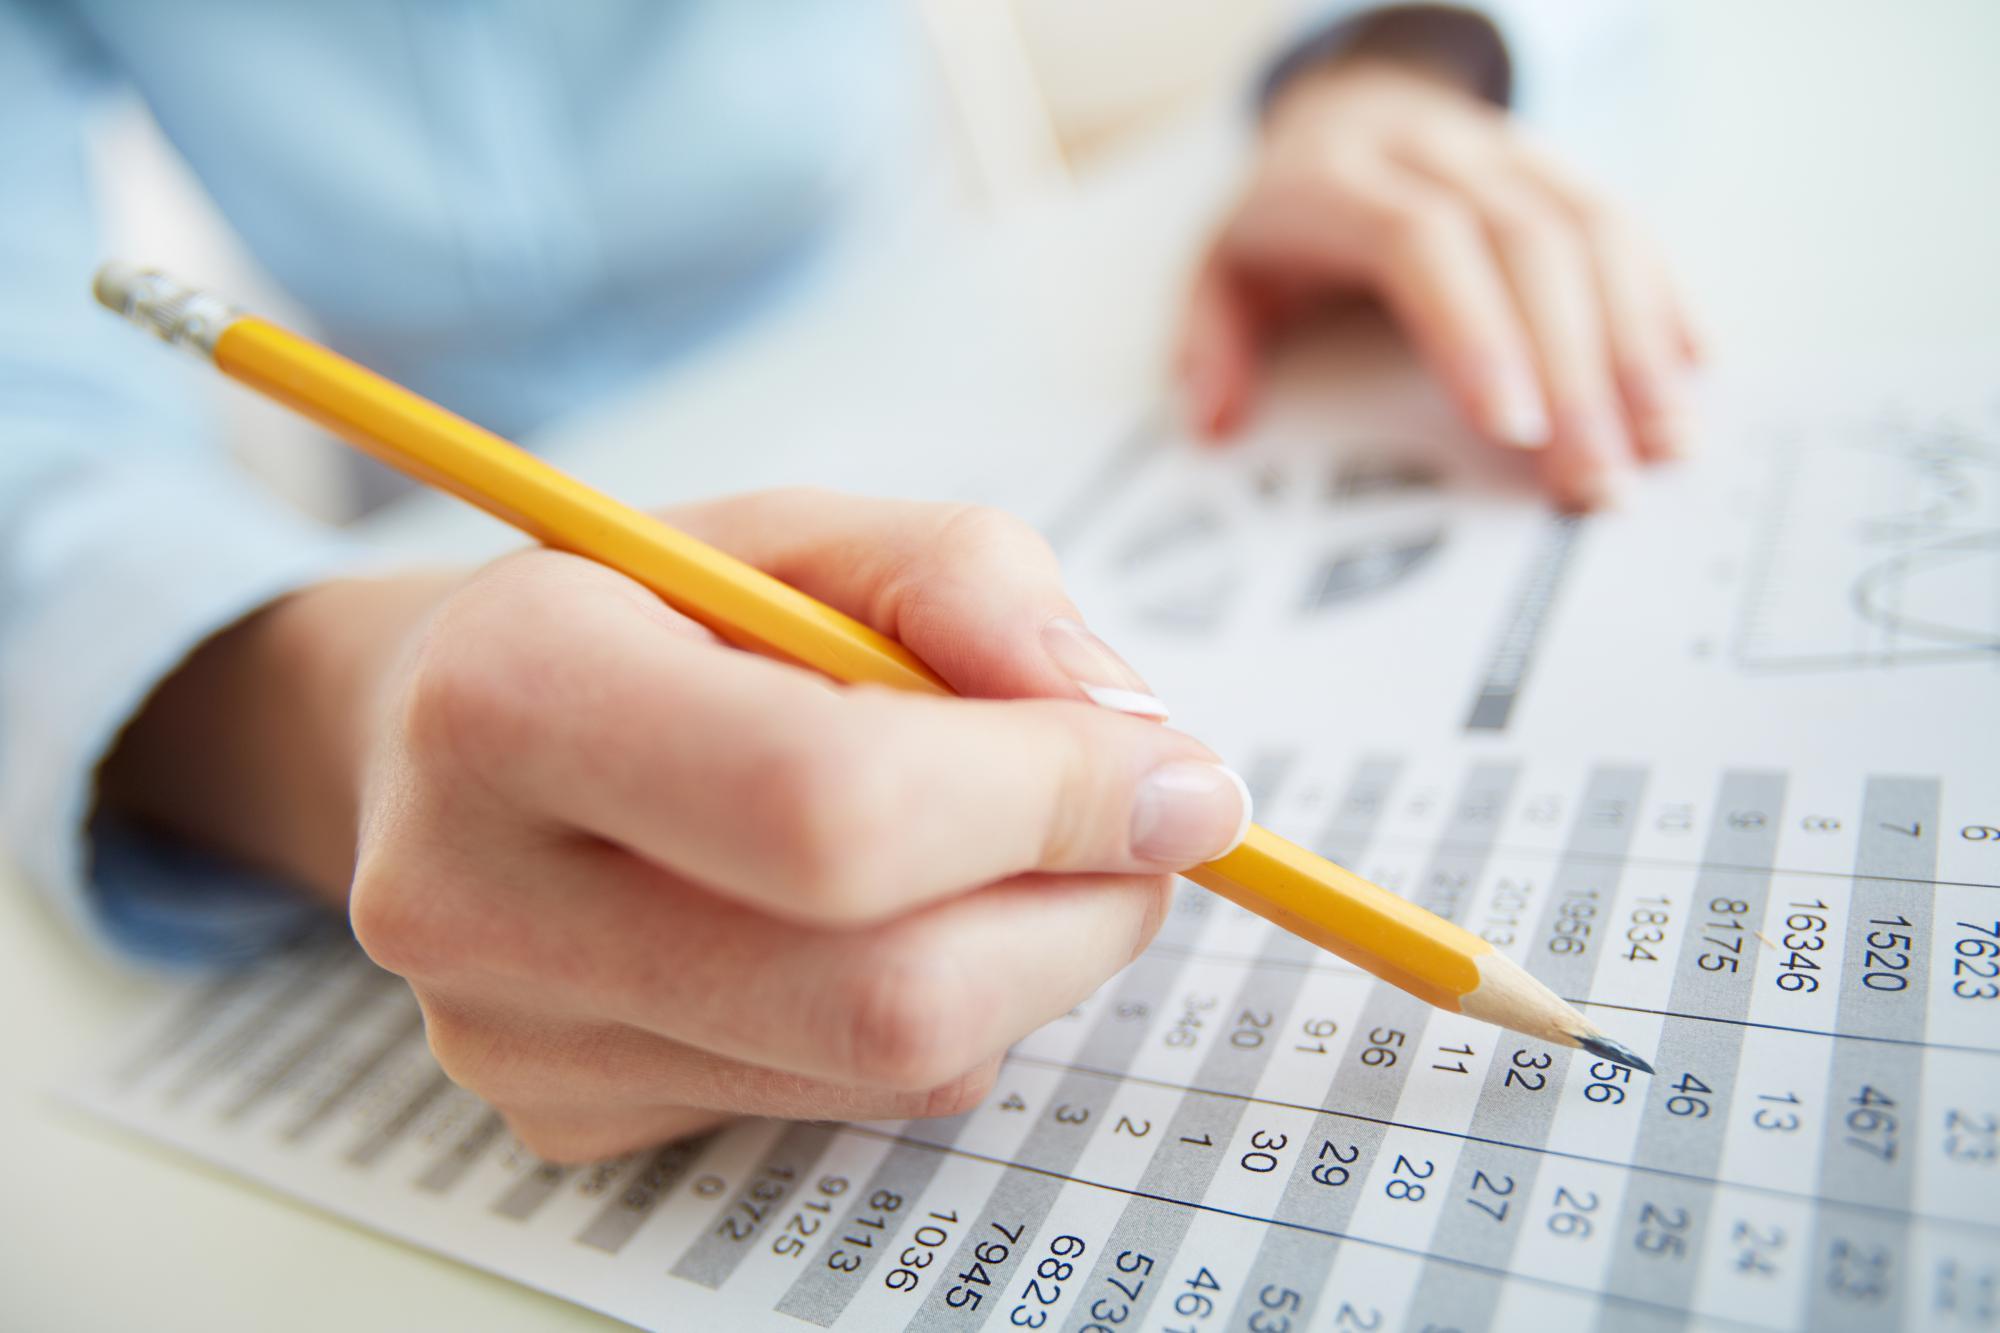 Налоговики не вправе штрафовать компанию за отсутствие бухгалтерских регистров